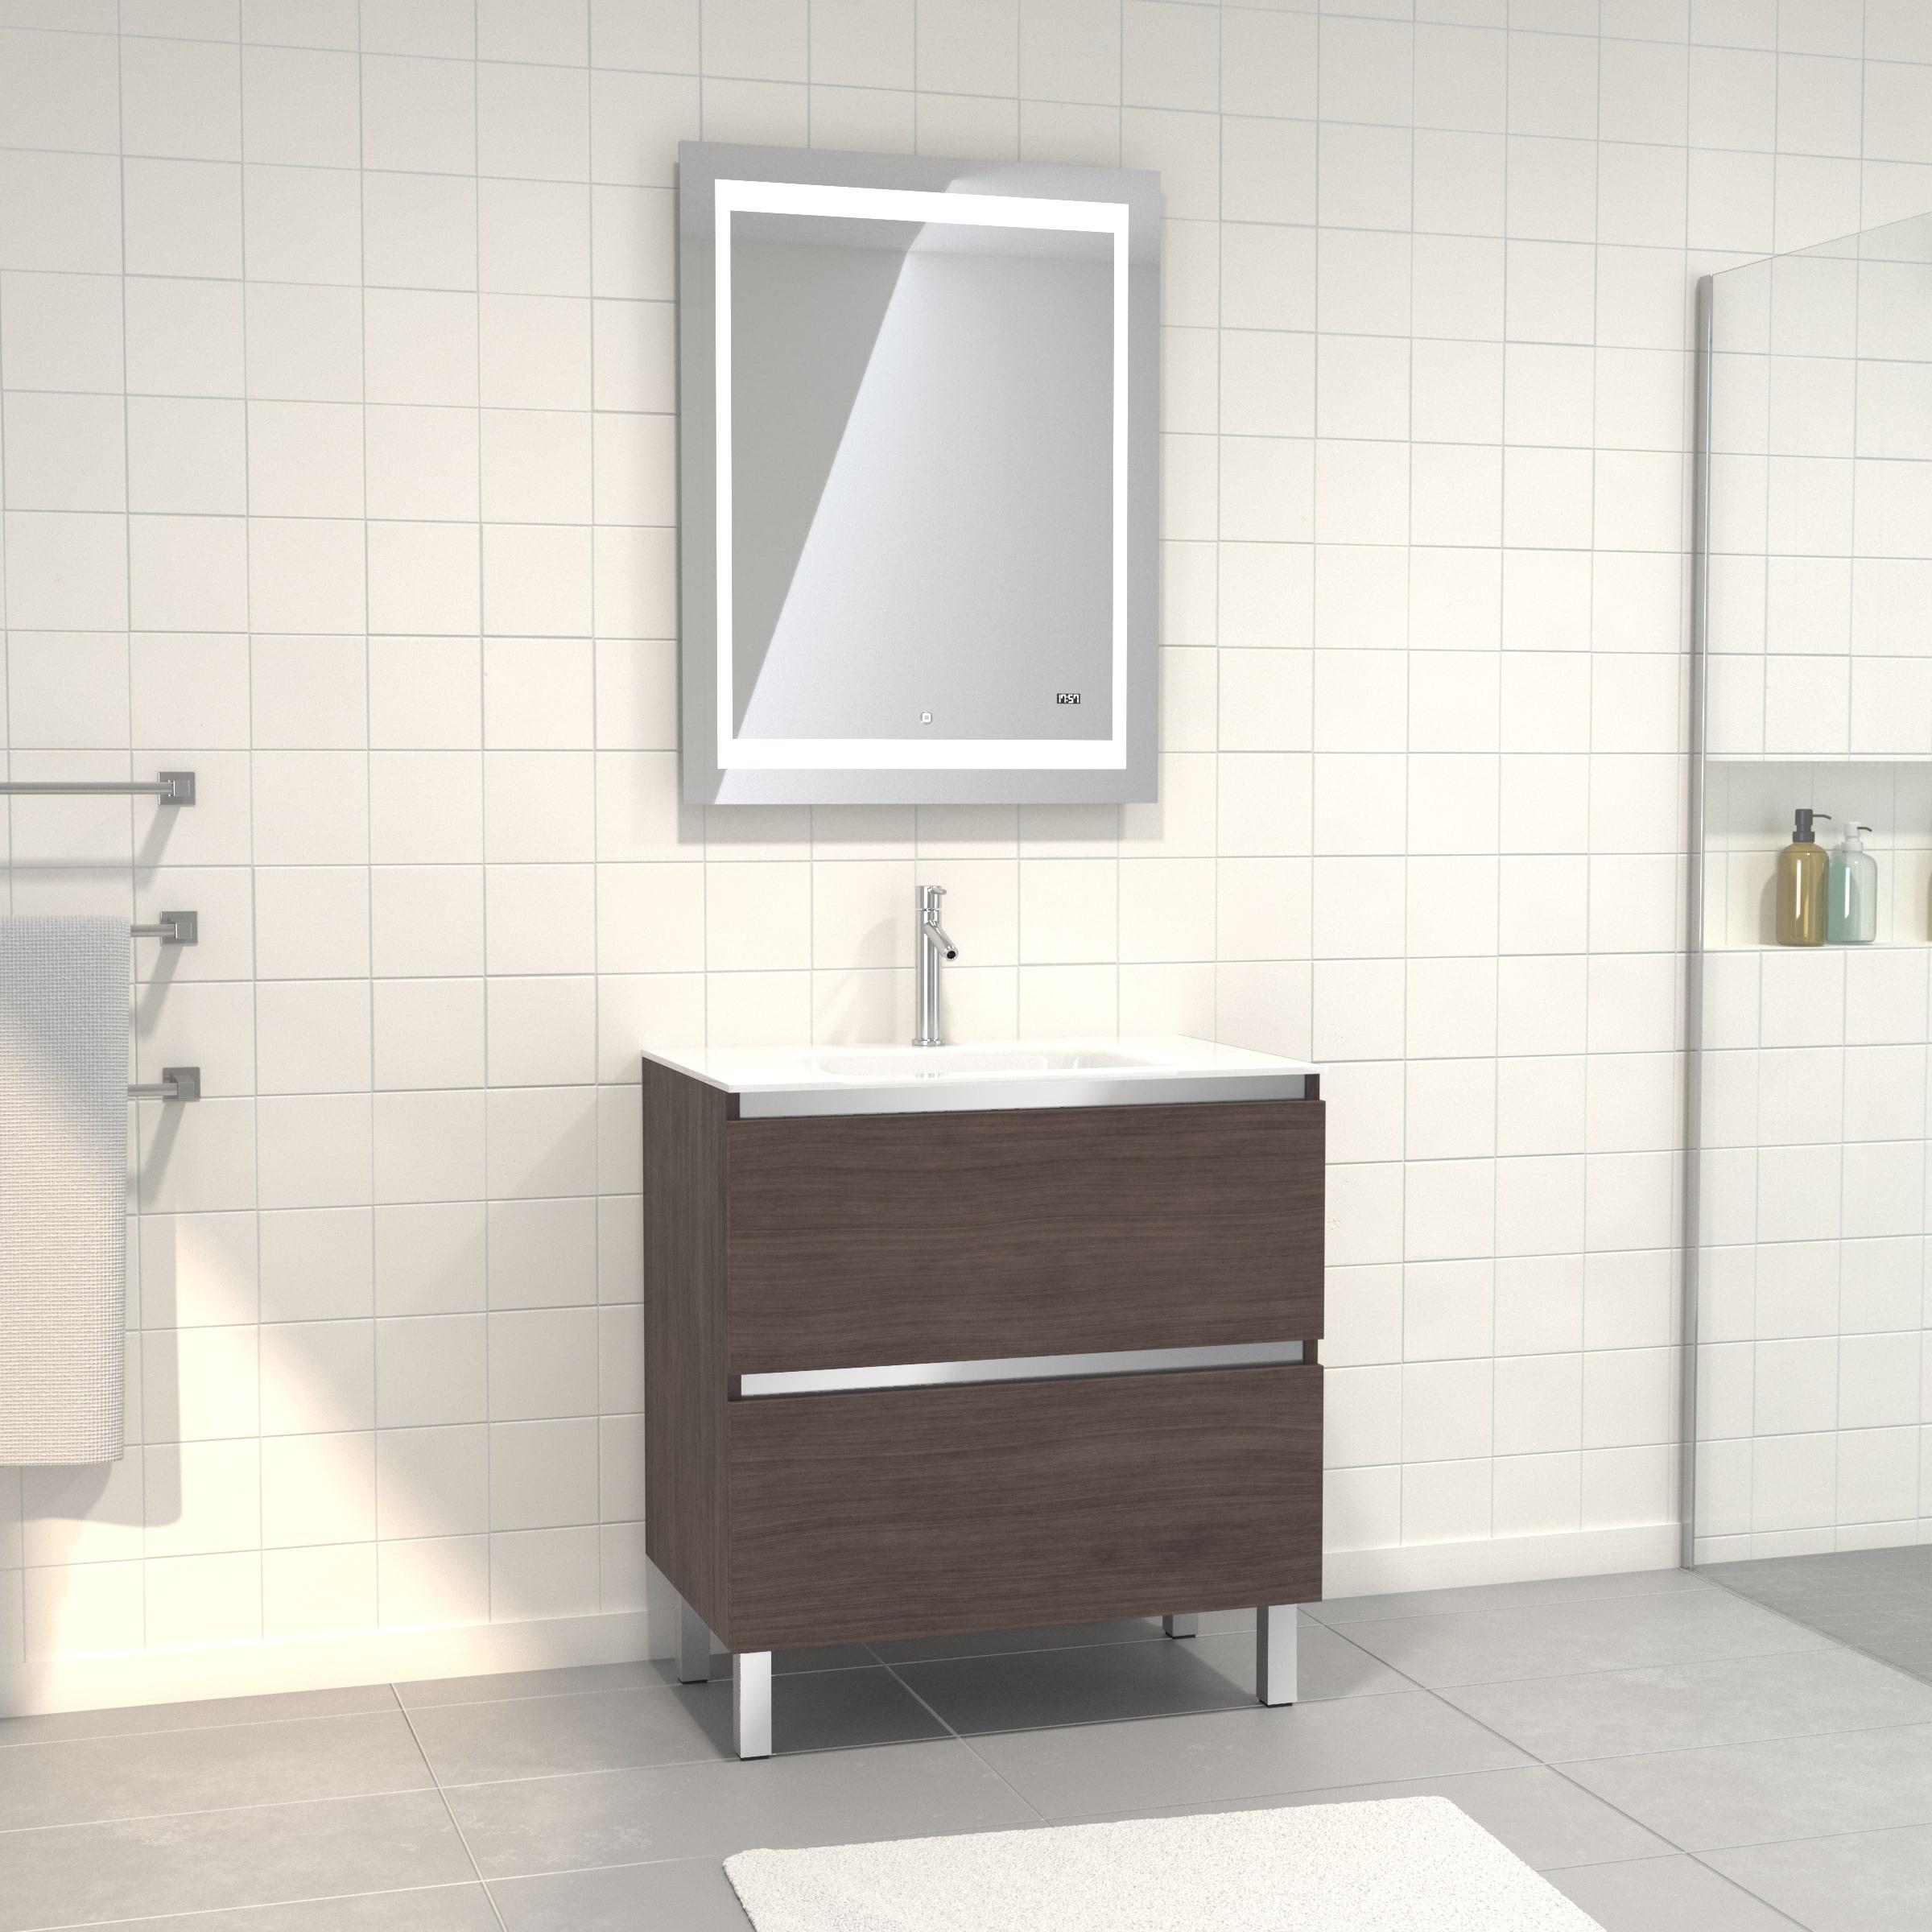 Pack Meuble de salle de bain 80x50 cm Graphite + vasque verre blanc + miroir LED 70x90